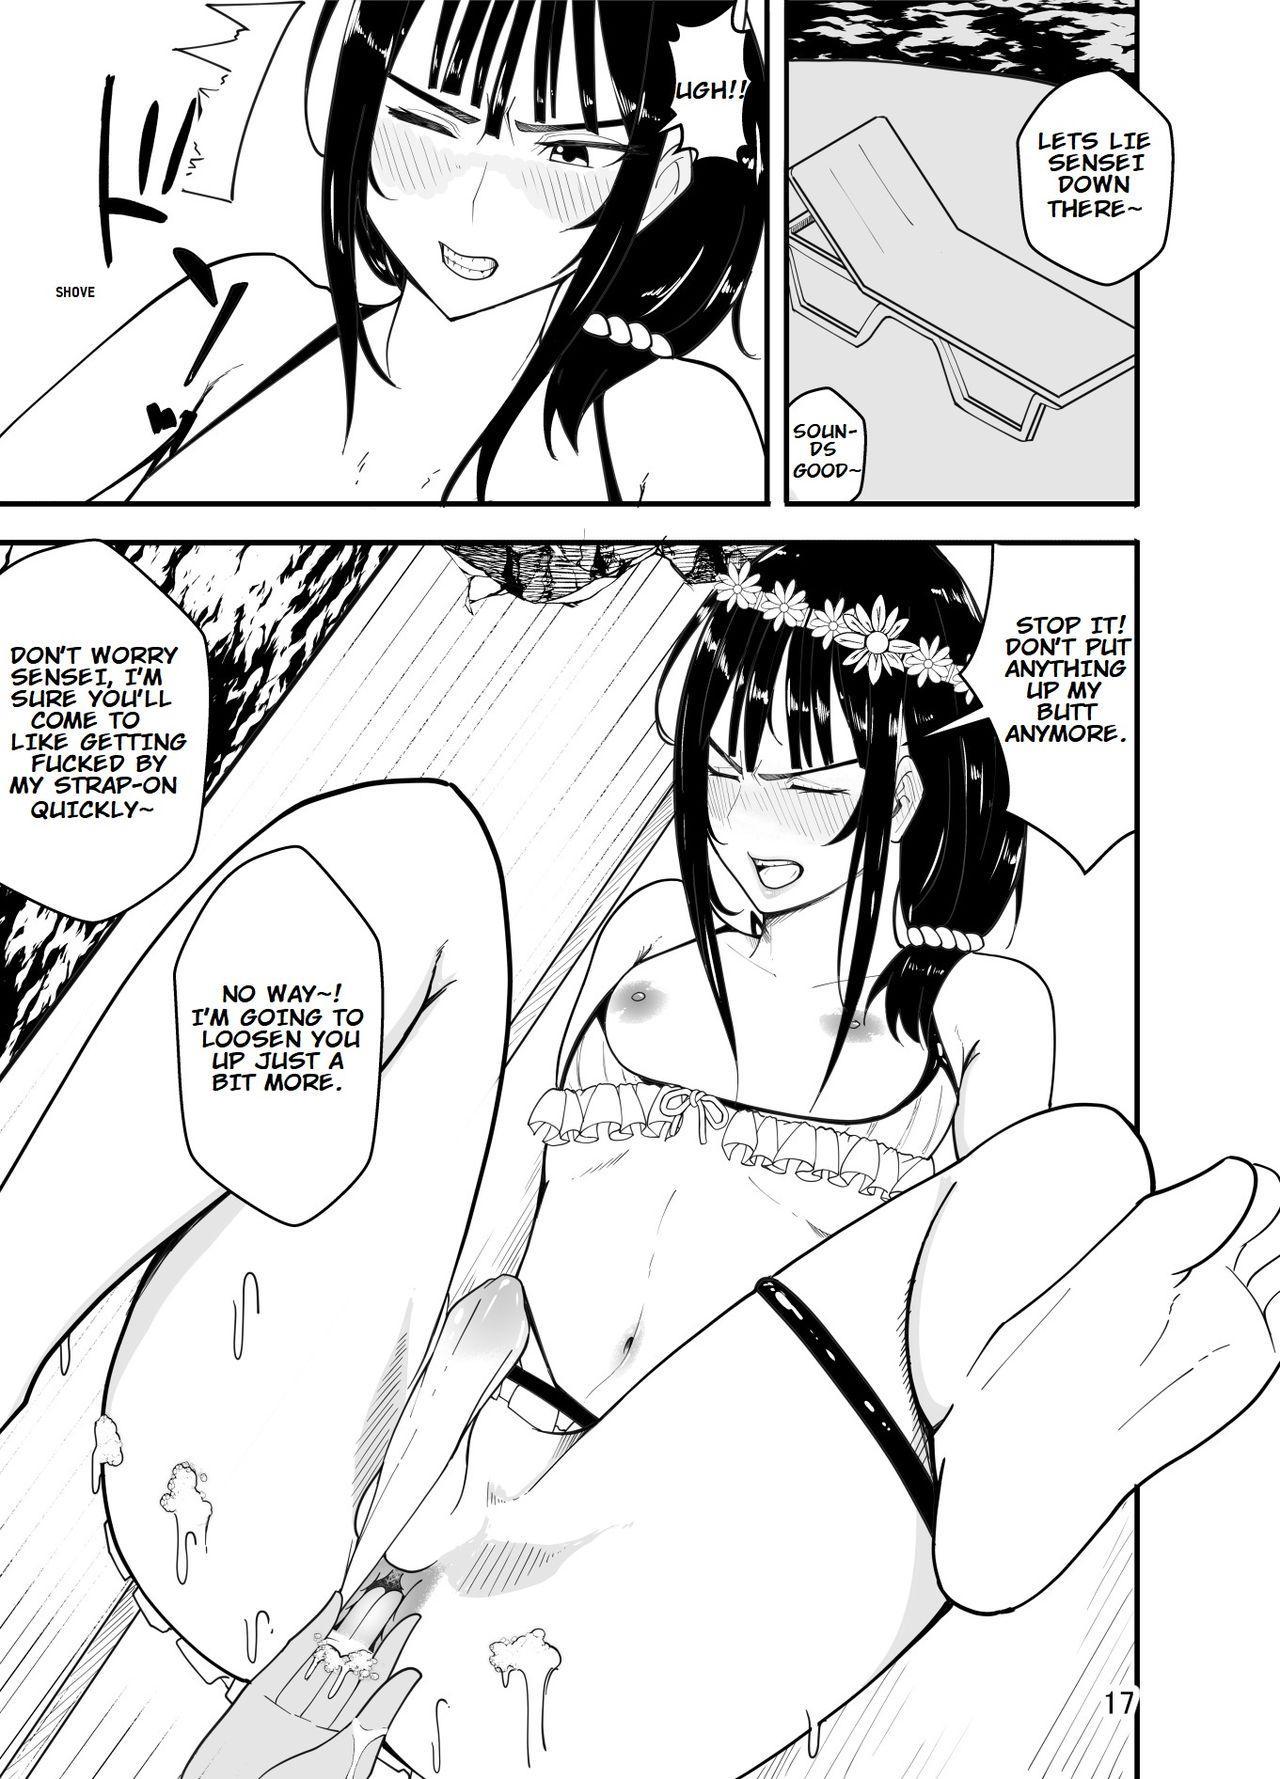 Mizugi de Josou!? Sensei Ijiri!! | Mizuki the Crossdresser! Let's Mess Around with the Teacher!! 17